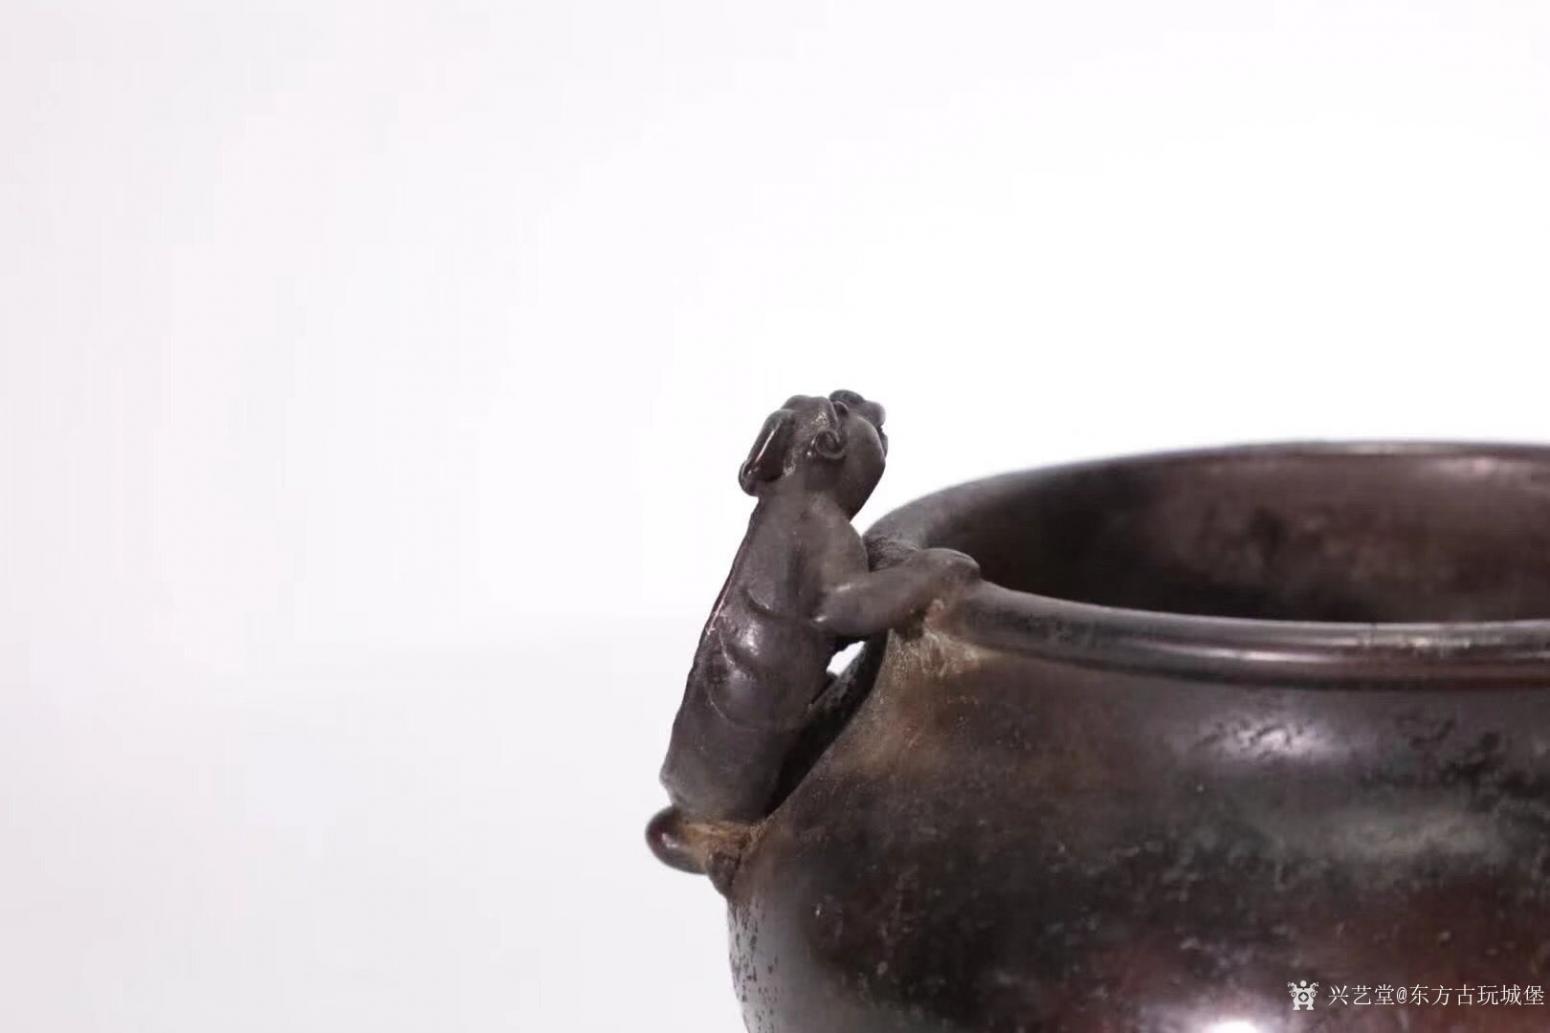 东方古玩城堡文玩杂项作品《双螭龙耳铜炉》【图3】